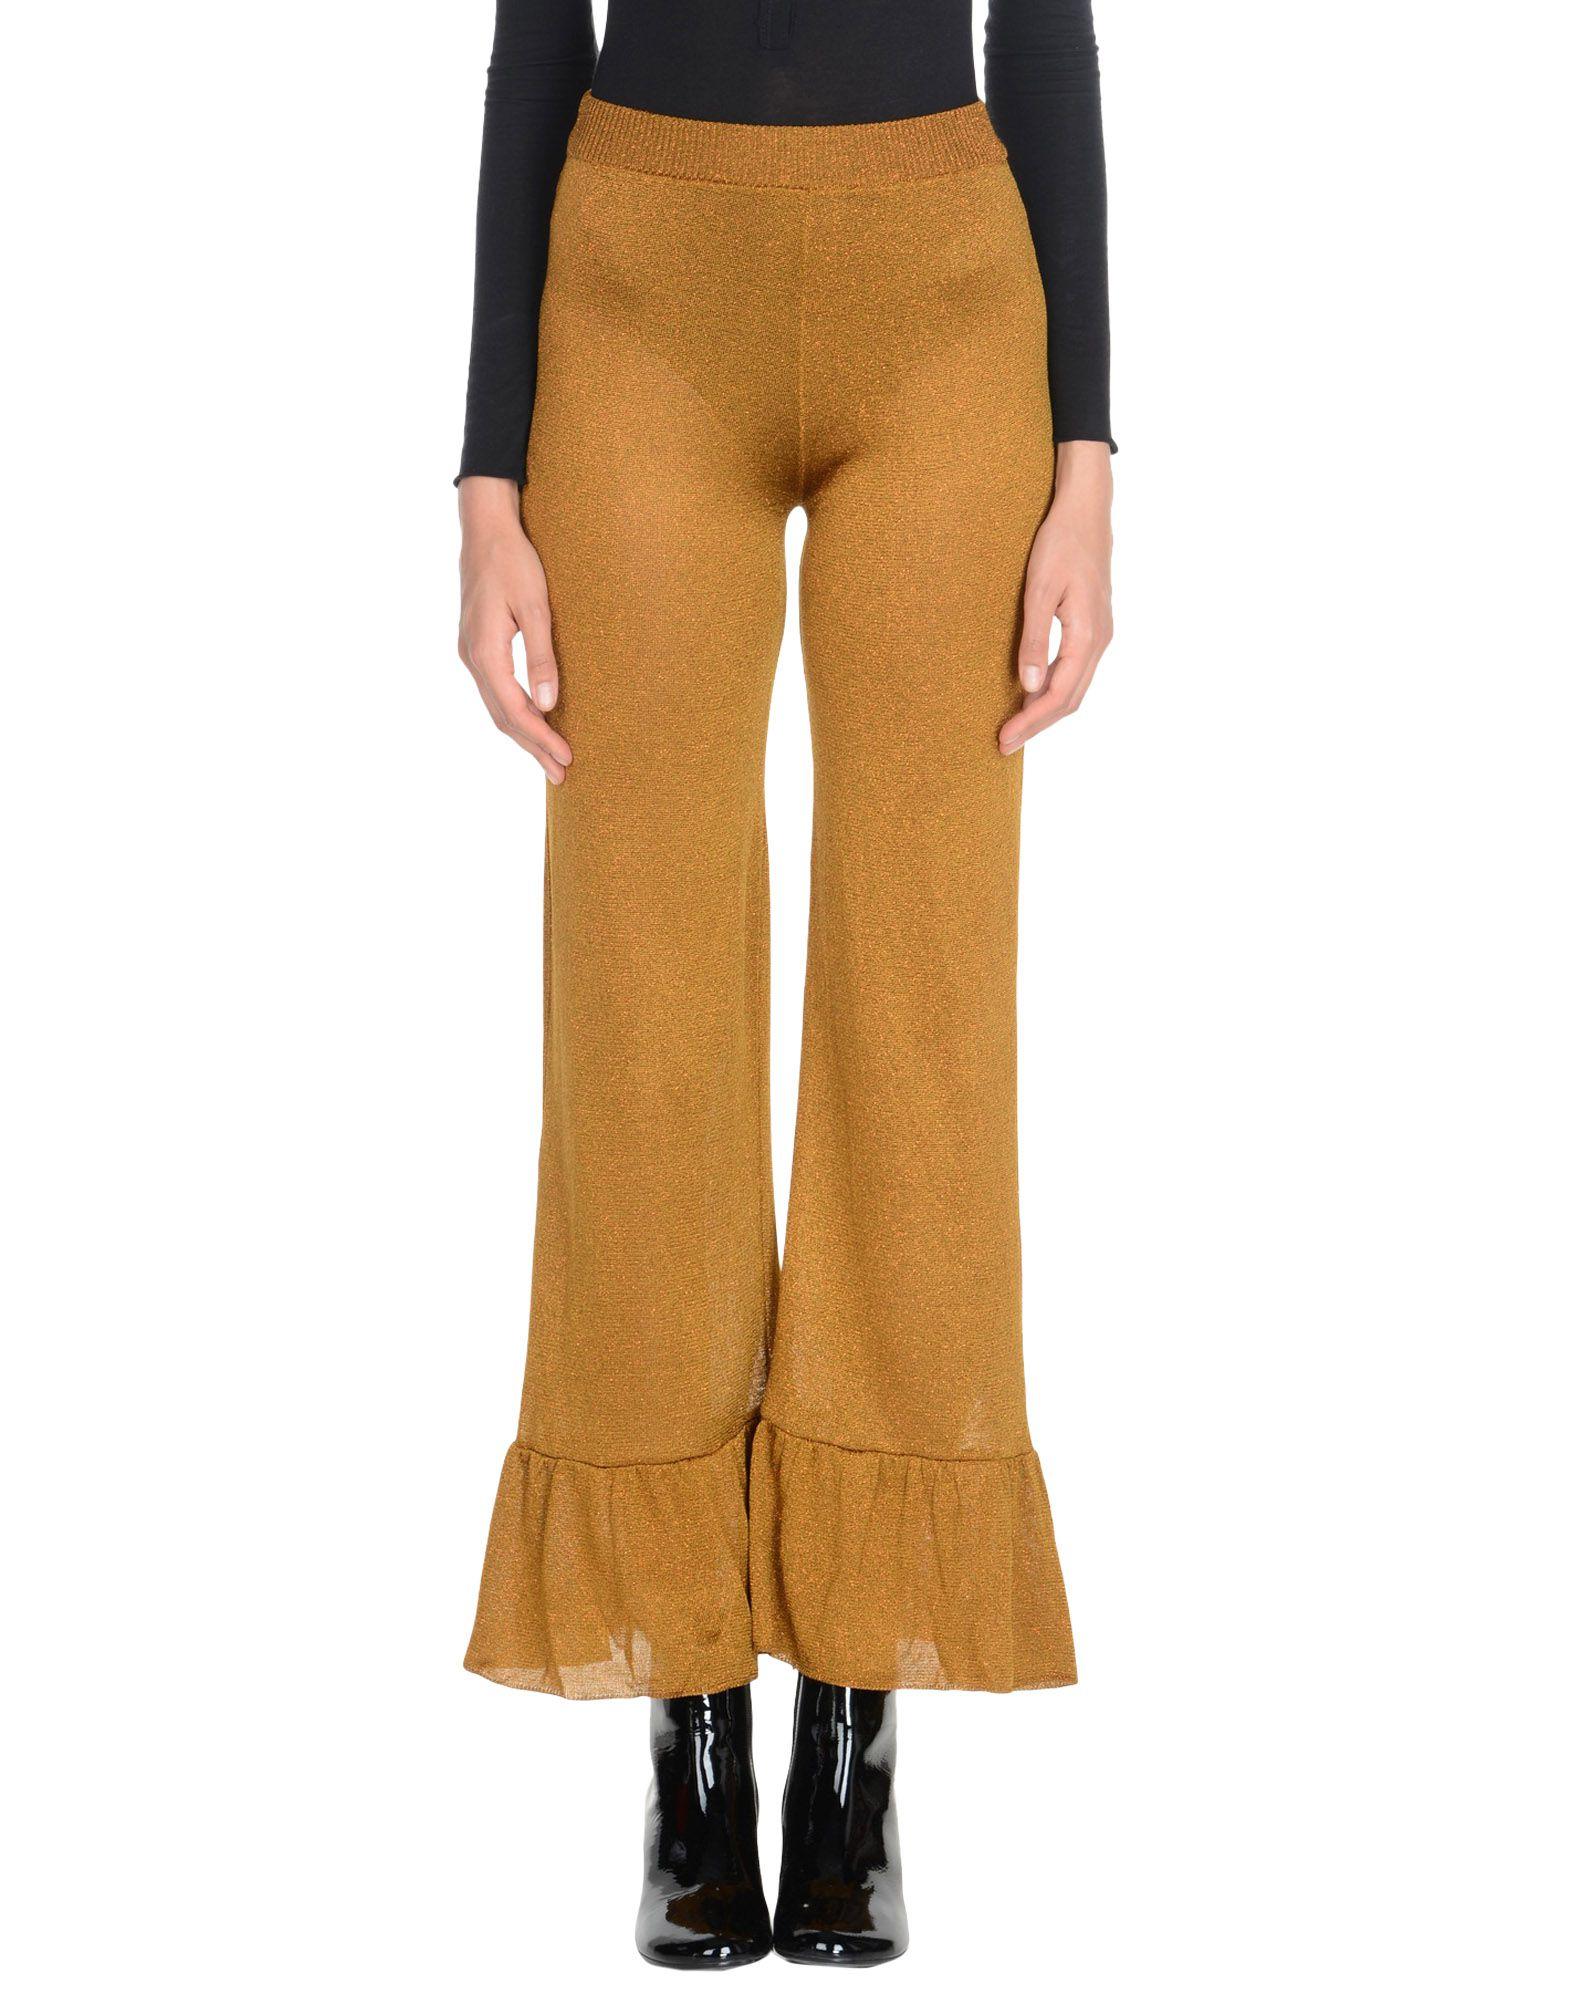 D'ENIA Casual Pants in Brown